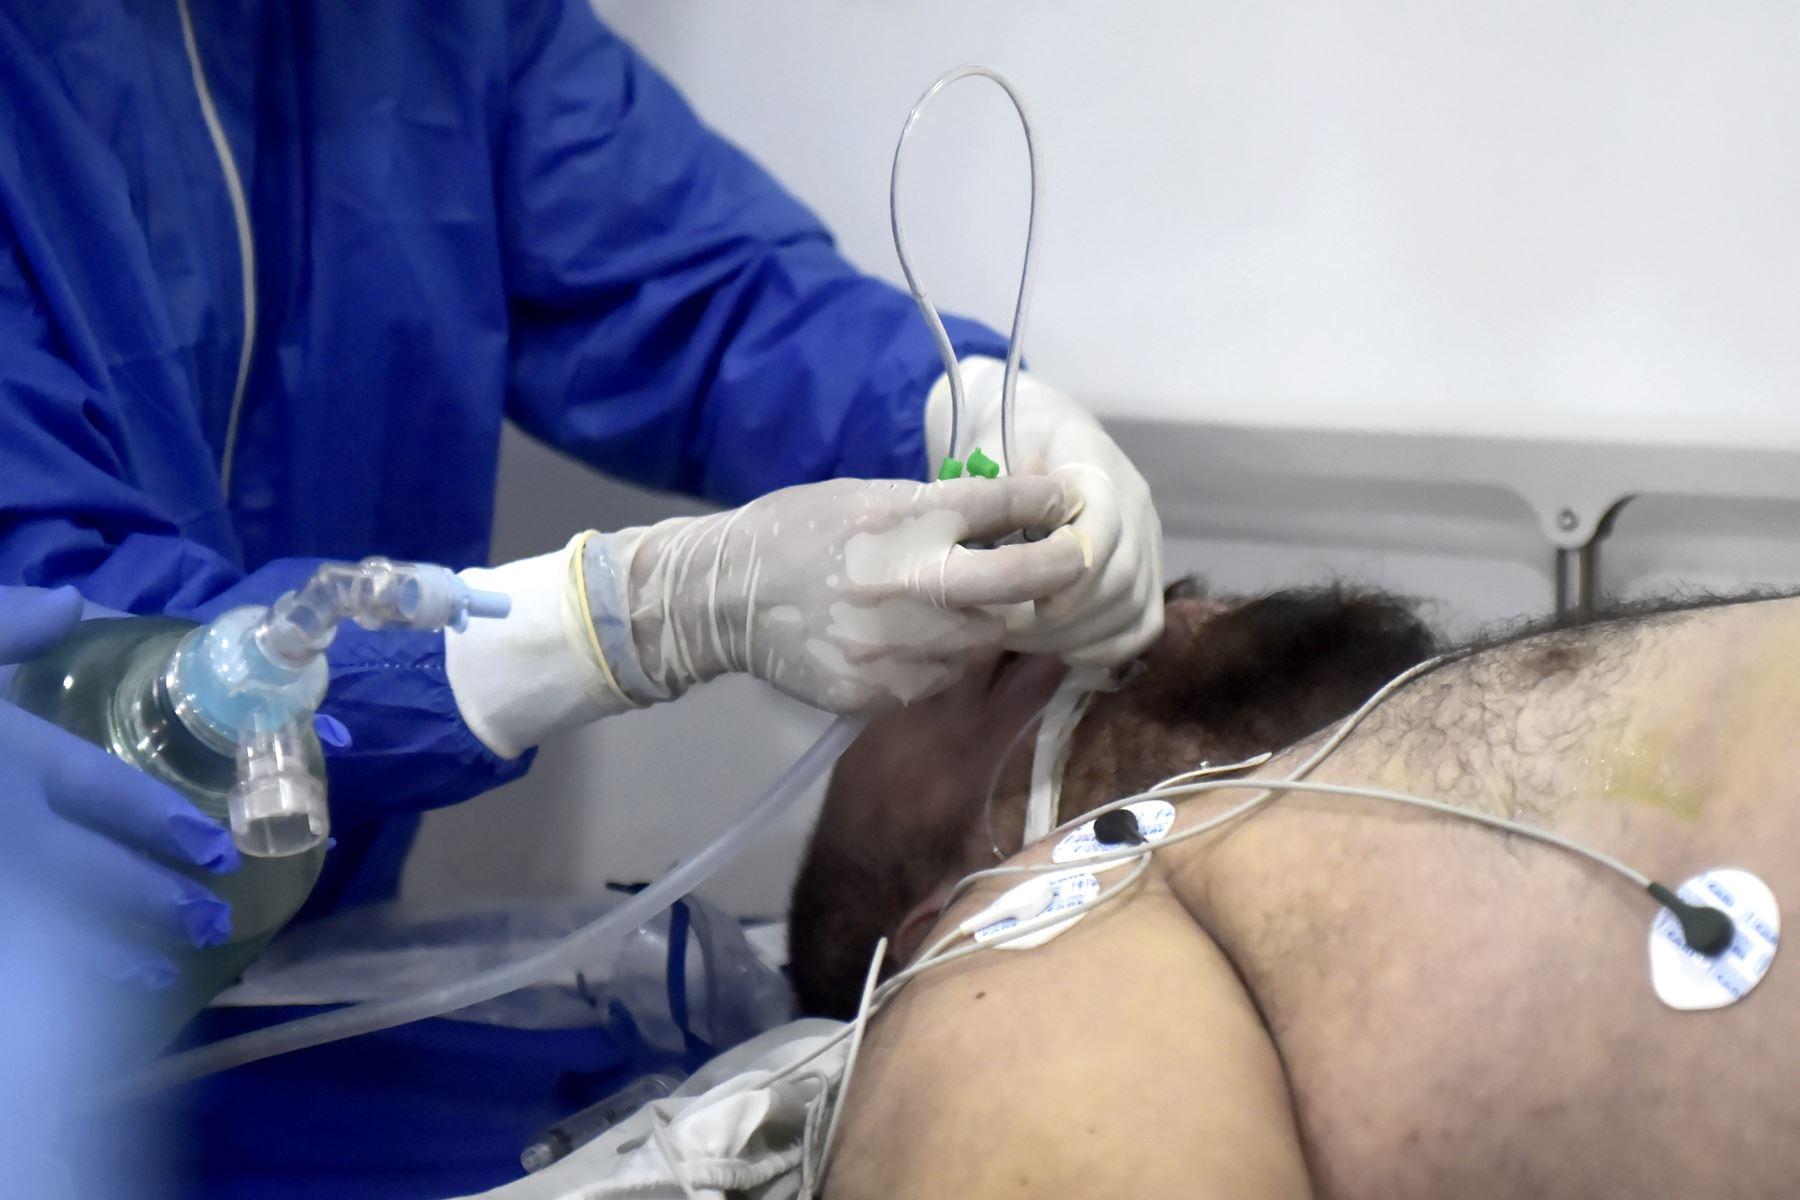 Tener un pulsioxímetro en casa para monitorear la saturación de un paciente covid-19 permite evitar peligrosos cuadros en la salud y además es una herramienta clave para el proceso de recuperación. Foto: AFP.